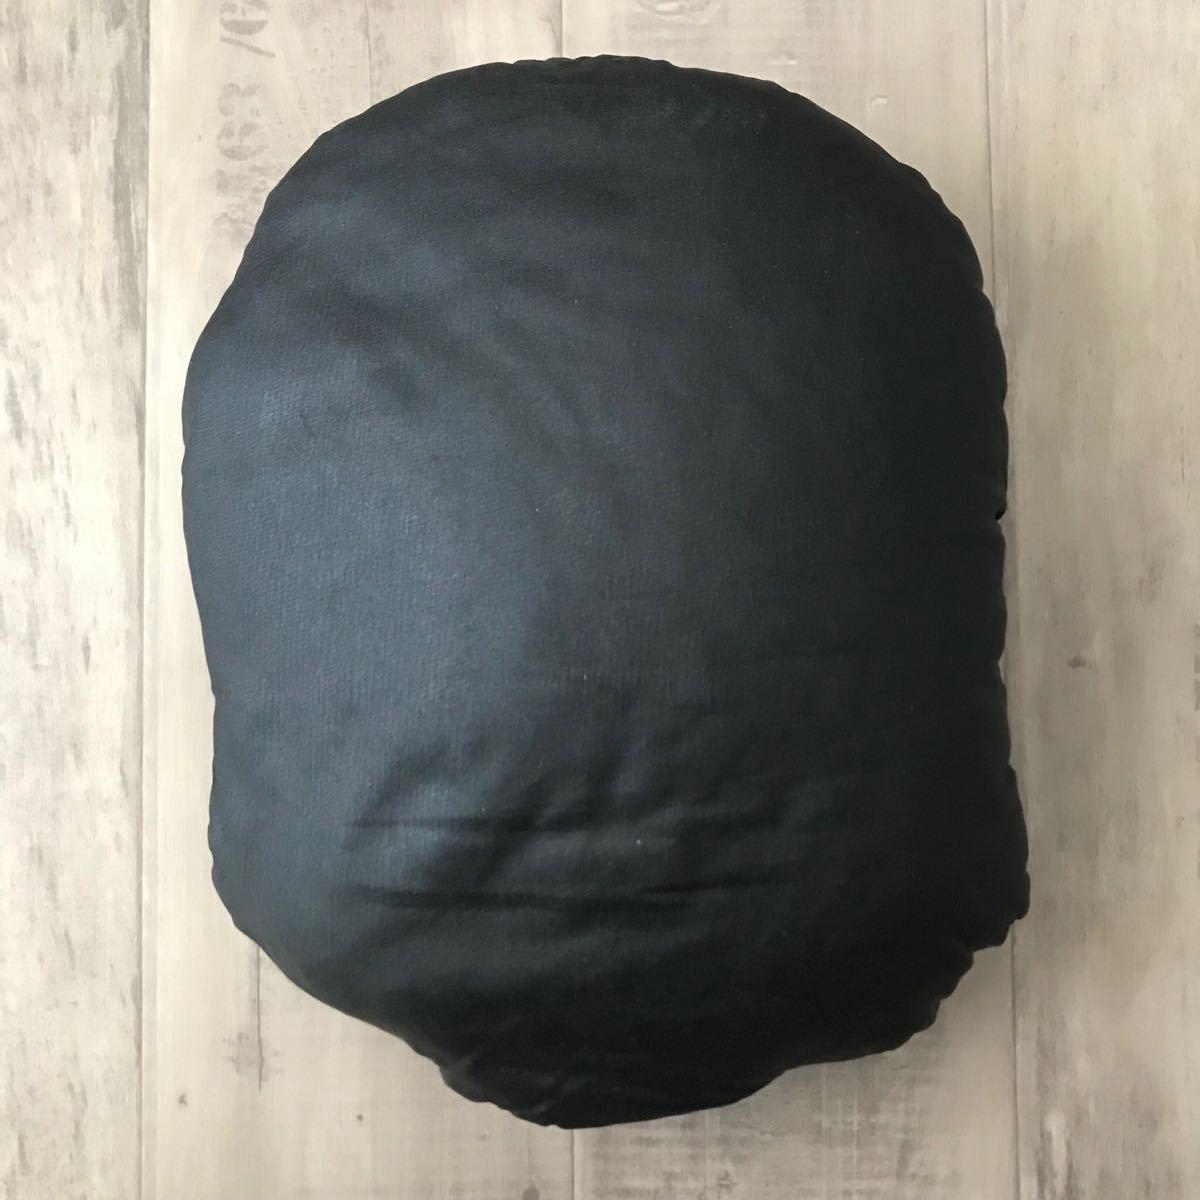 ★初期★ BAPE HEAD クッション black a bathing ape cushion エイプ ベイプ アベイシングエイプ vintage ビンテージ グッズ nigo